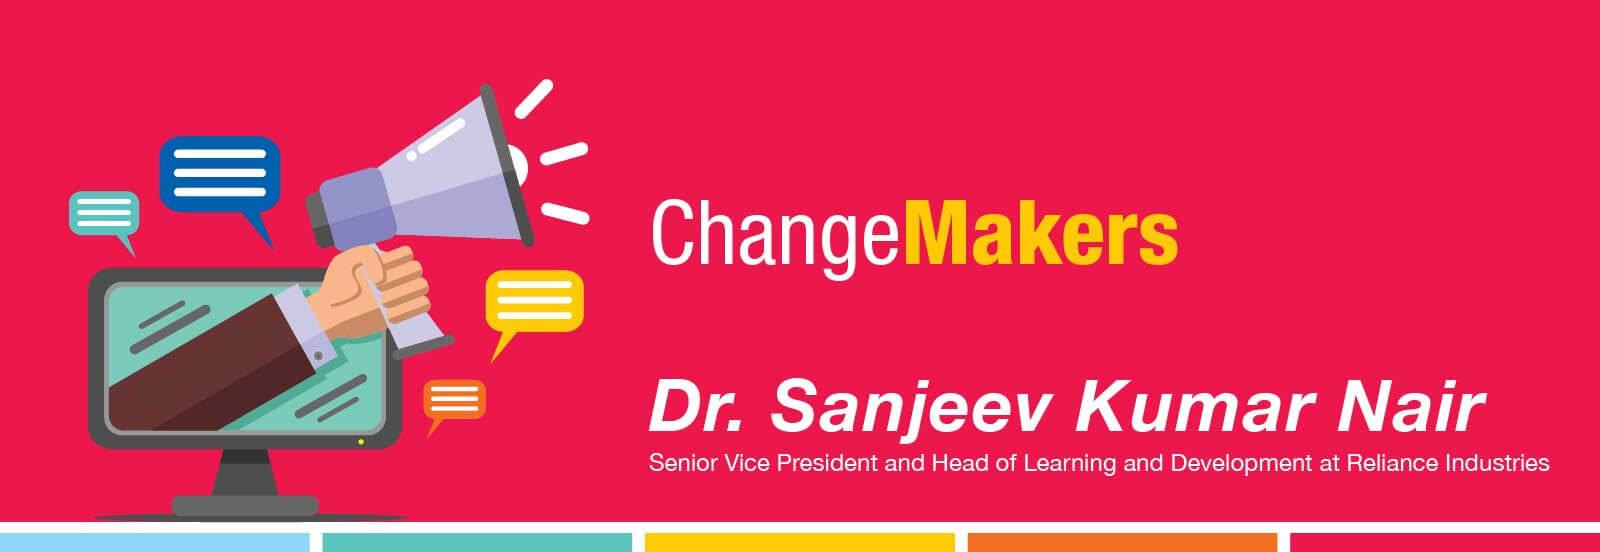 Dr Sanjeev Kumar Nair